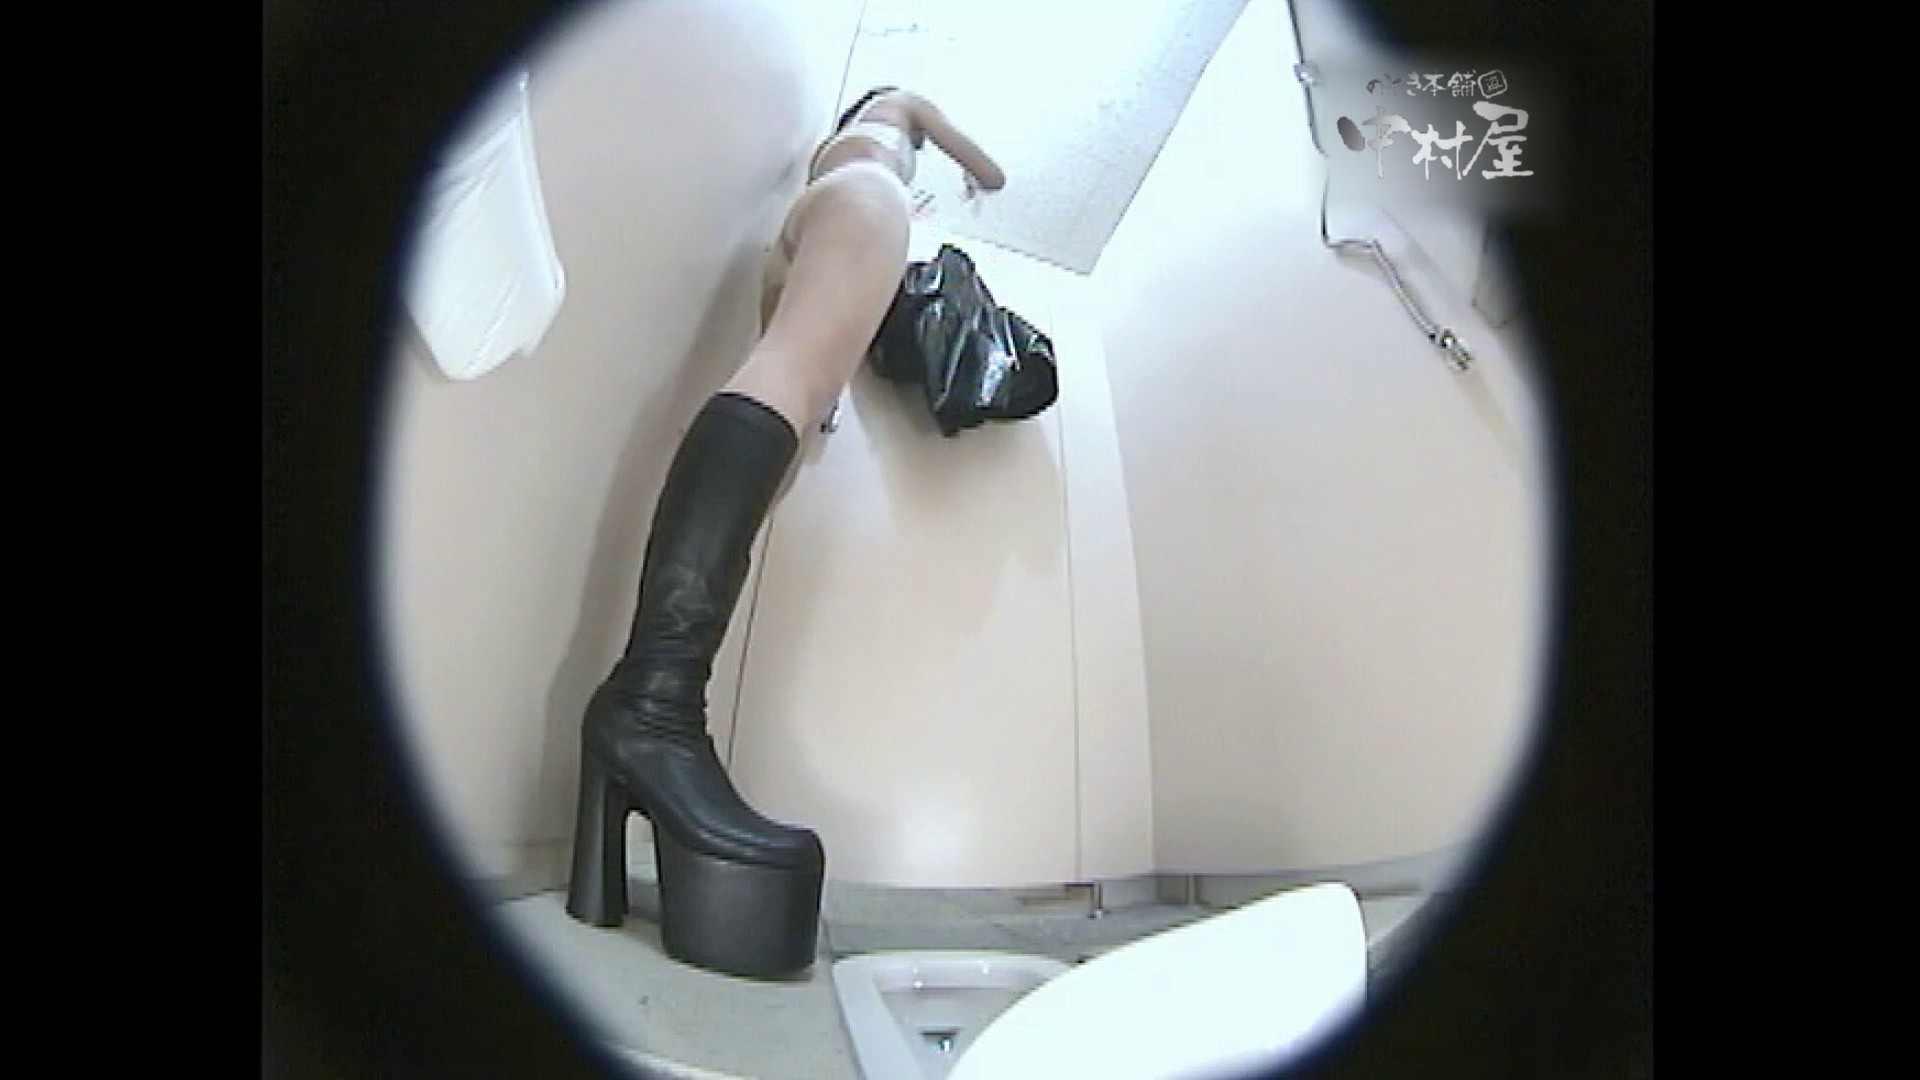 レースクィーントイレ盗撮!Vol.19 超エロギャル セックス画像 57枚 15